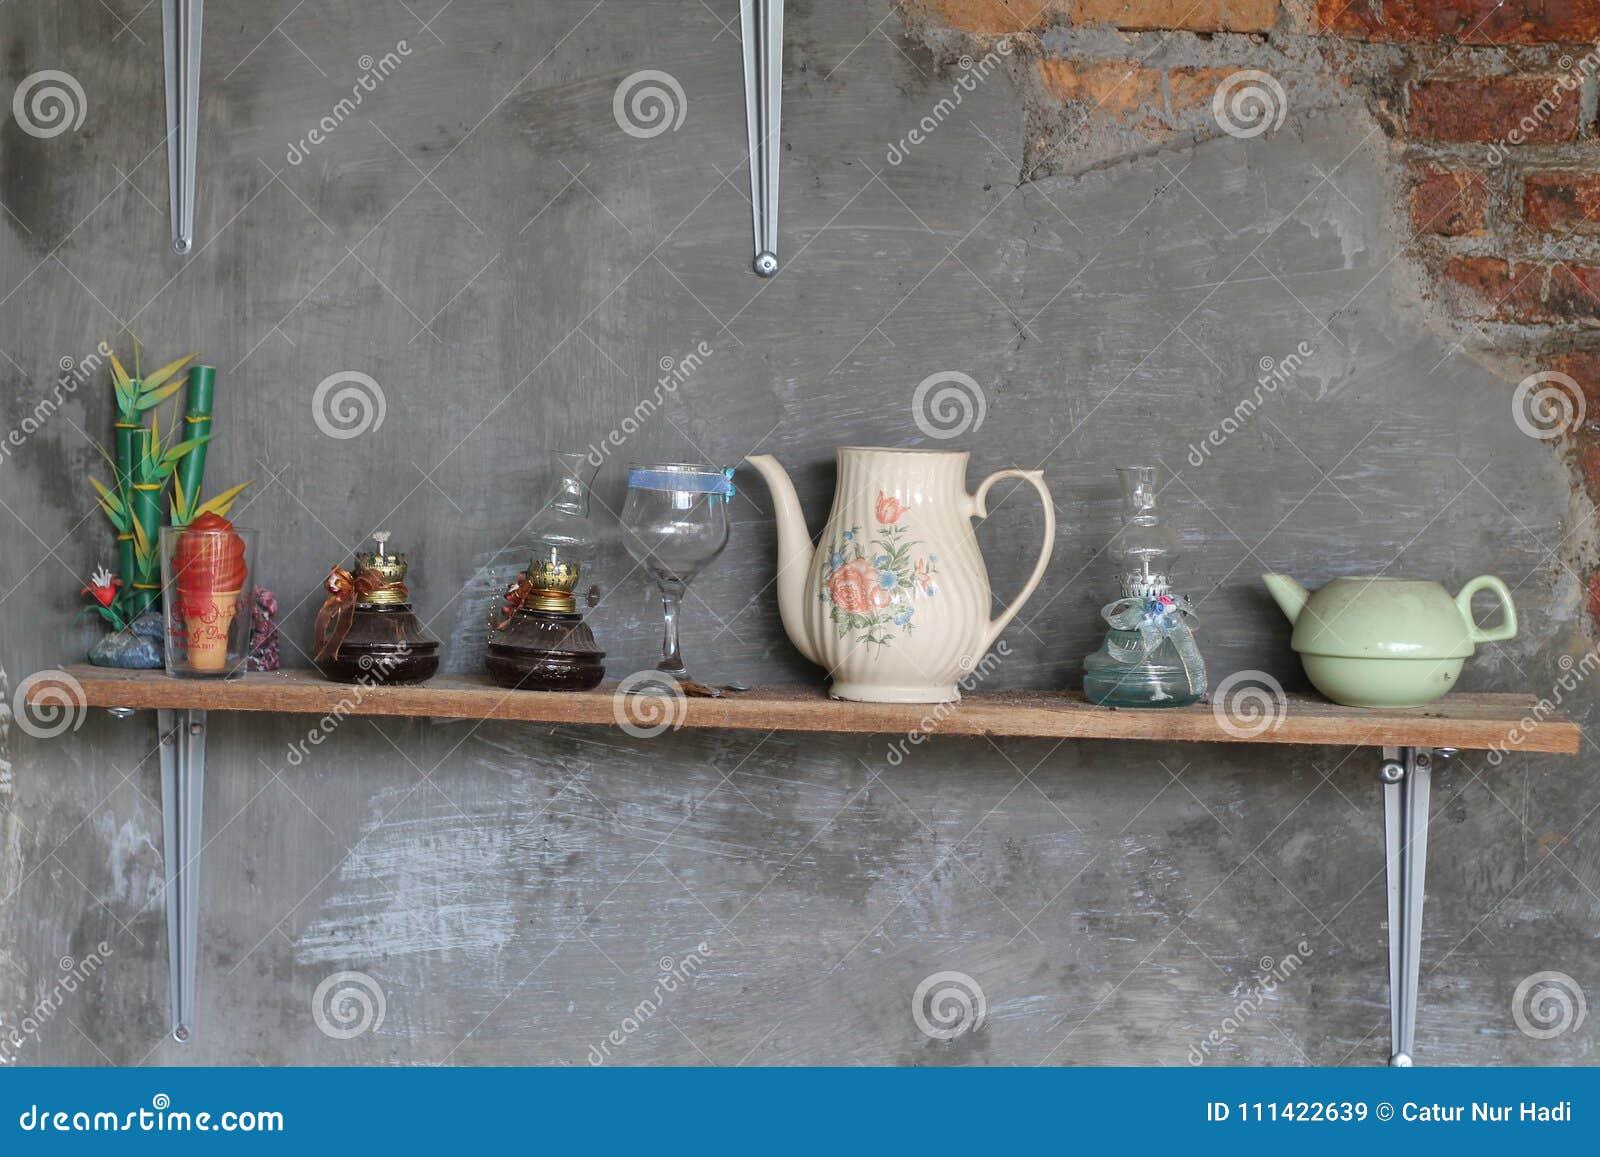 Keuken Muur Decoratie.Muurdecoratie Binnenland Huis Moderne Ruimte Keuken Versie 1